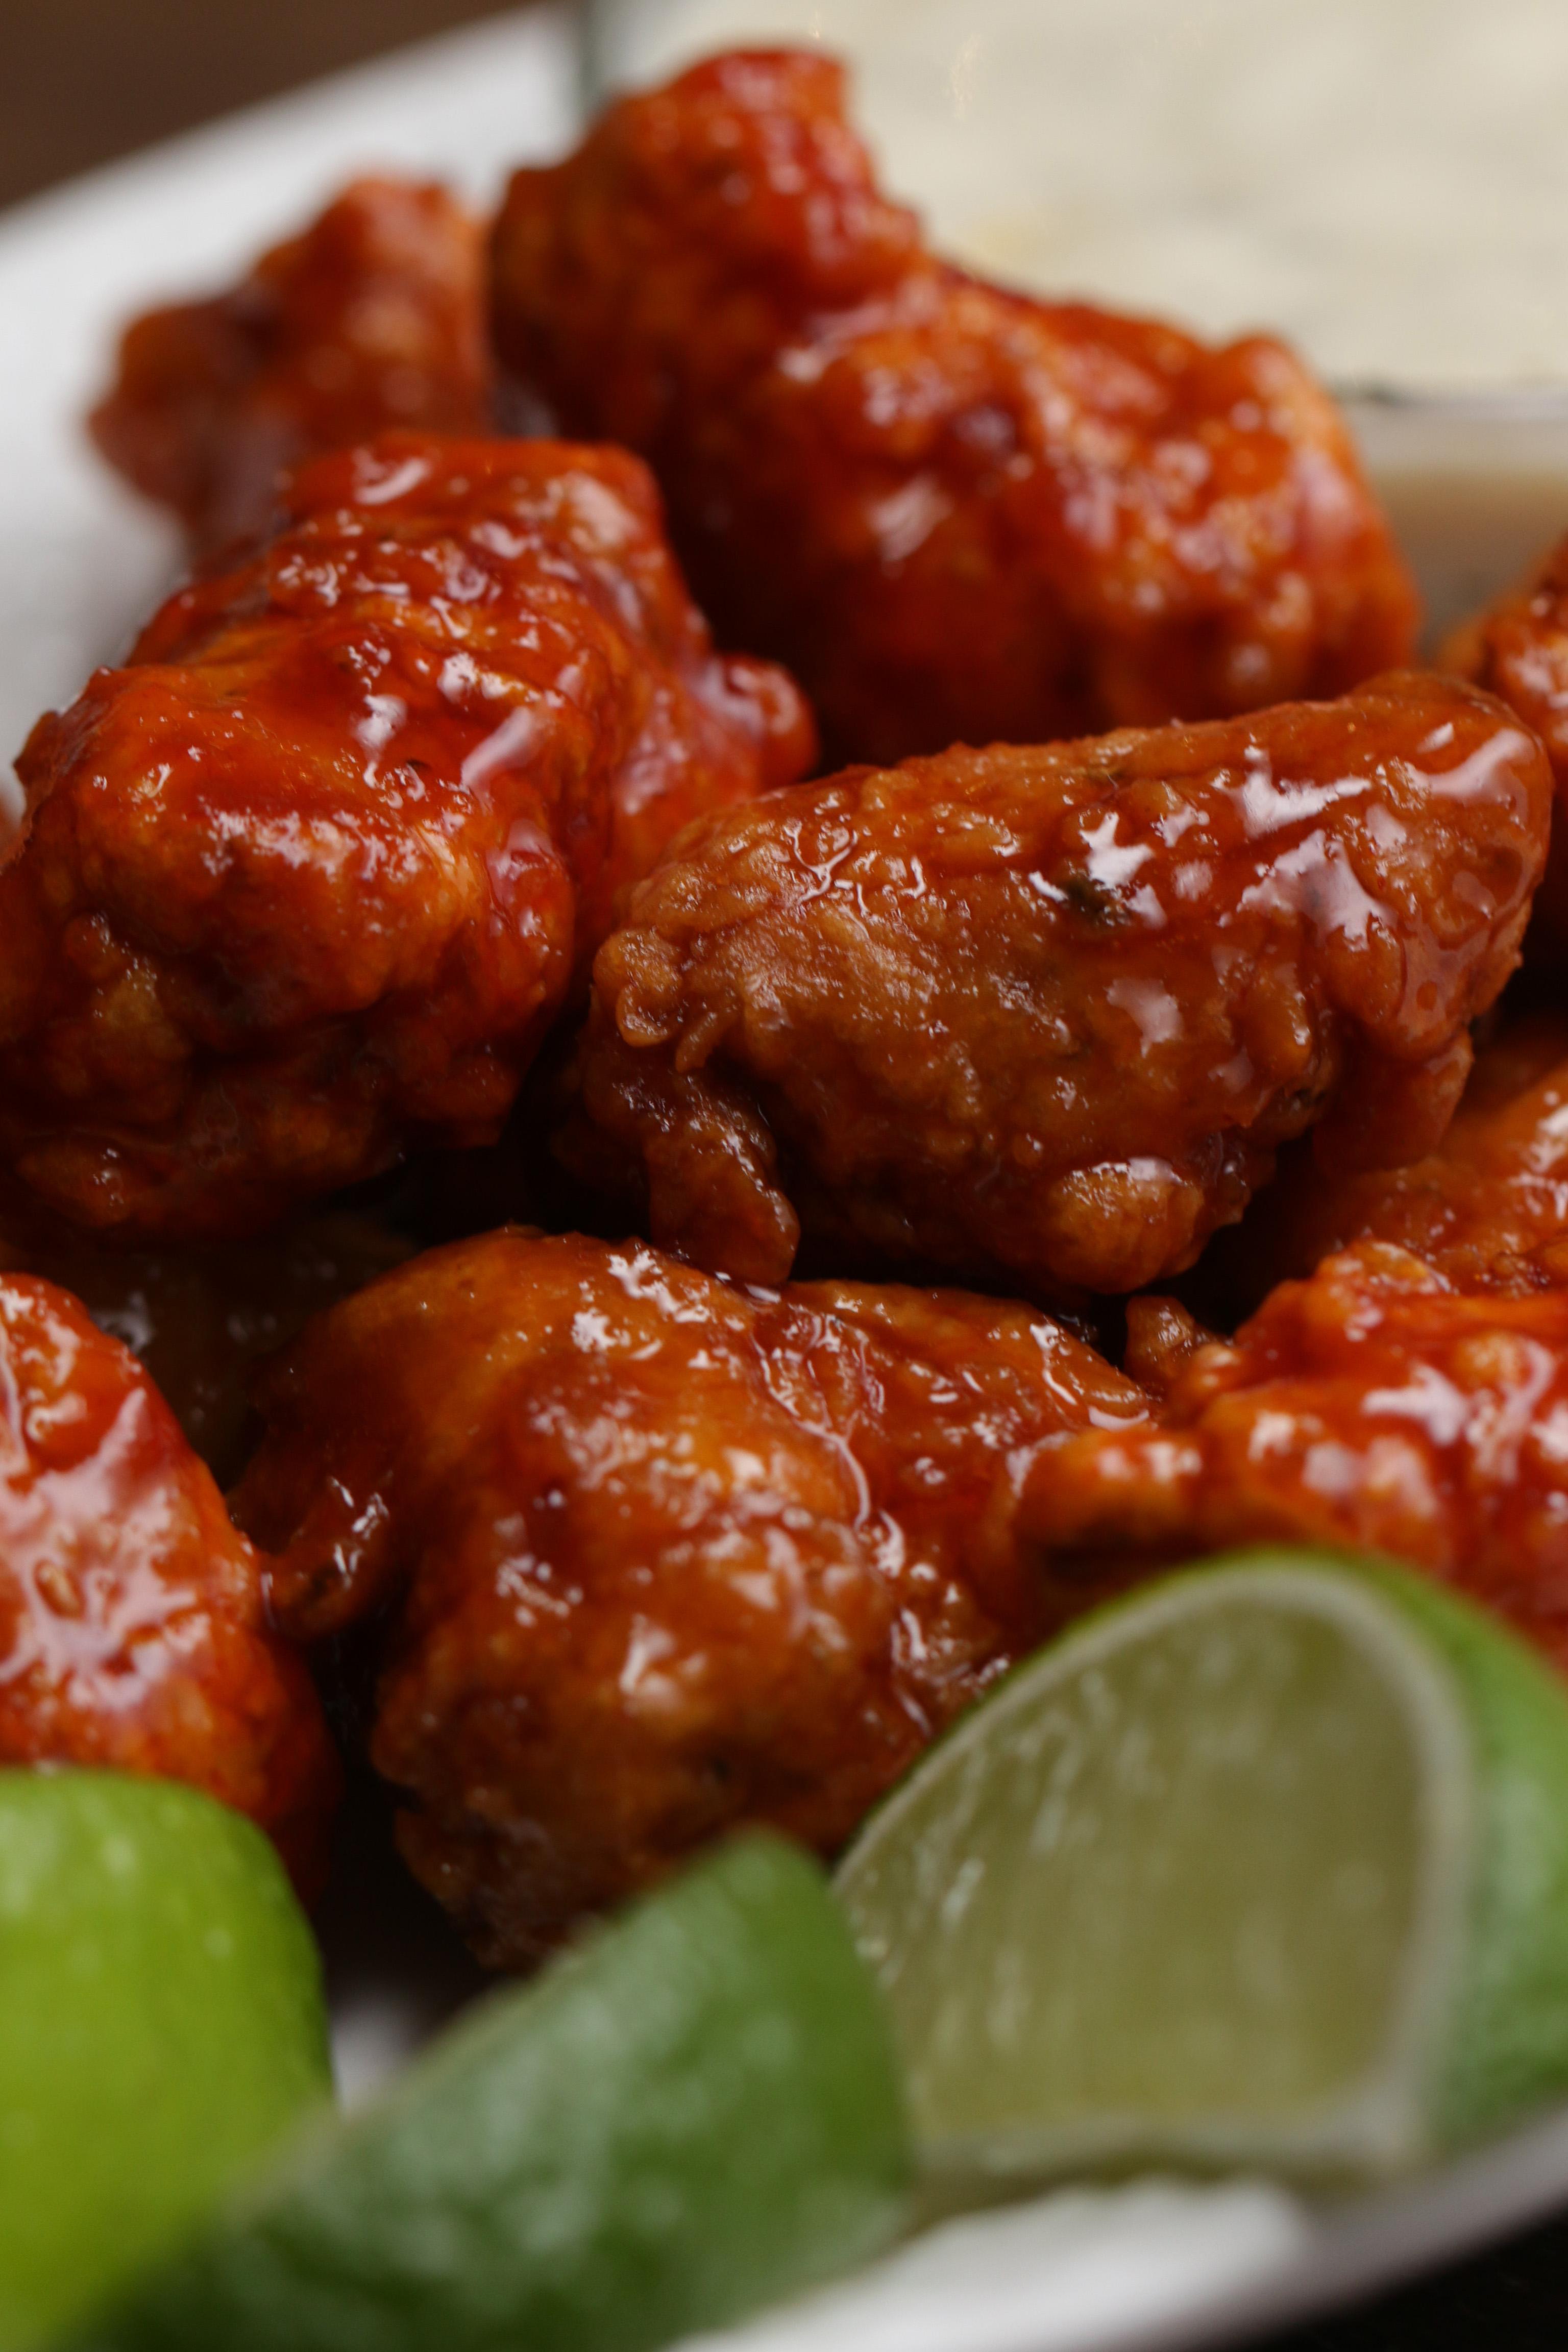 アメリカの料理&食べ物おすすめ10選!ジャンクフード王国の美味しい一品!